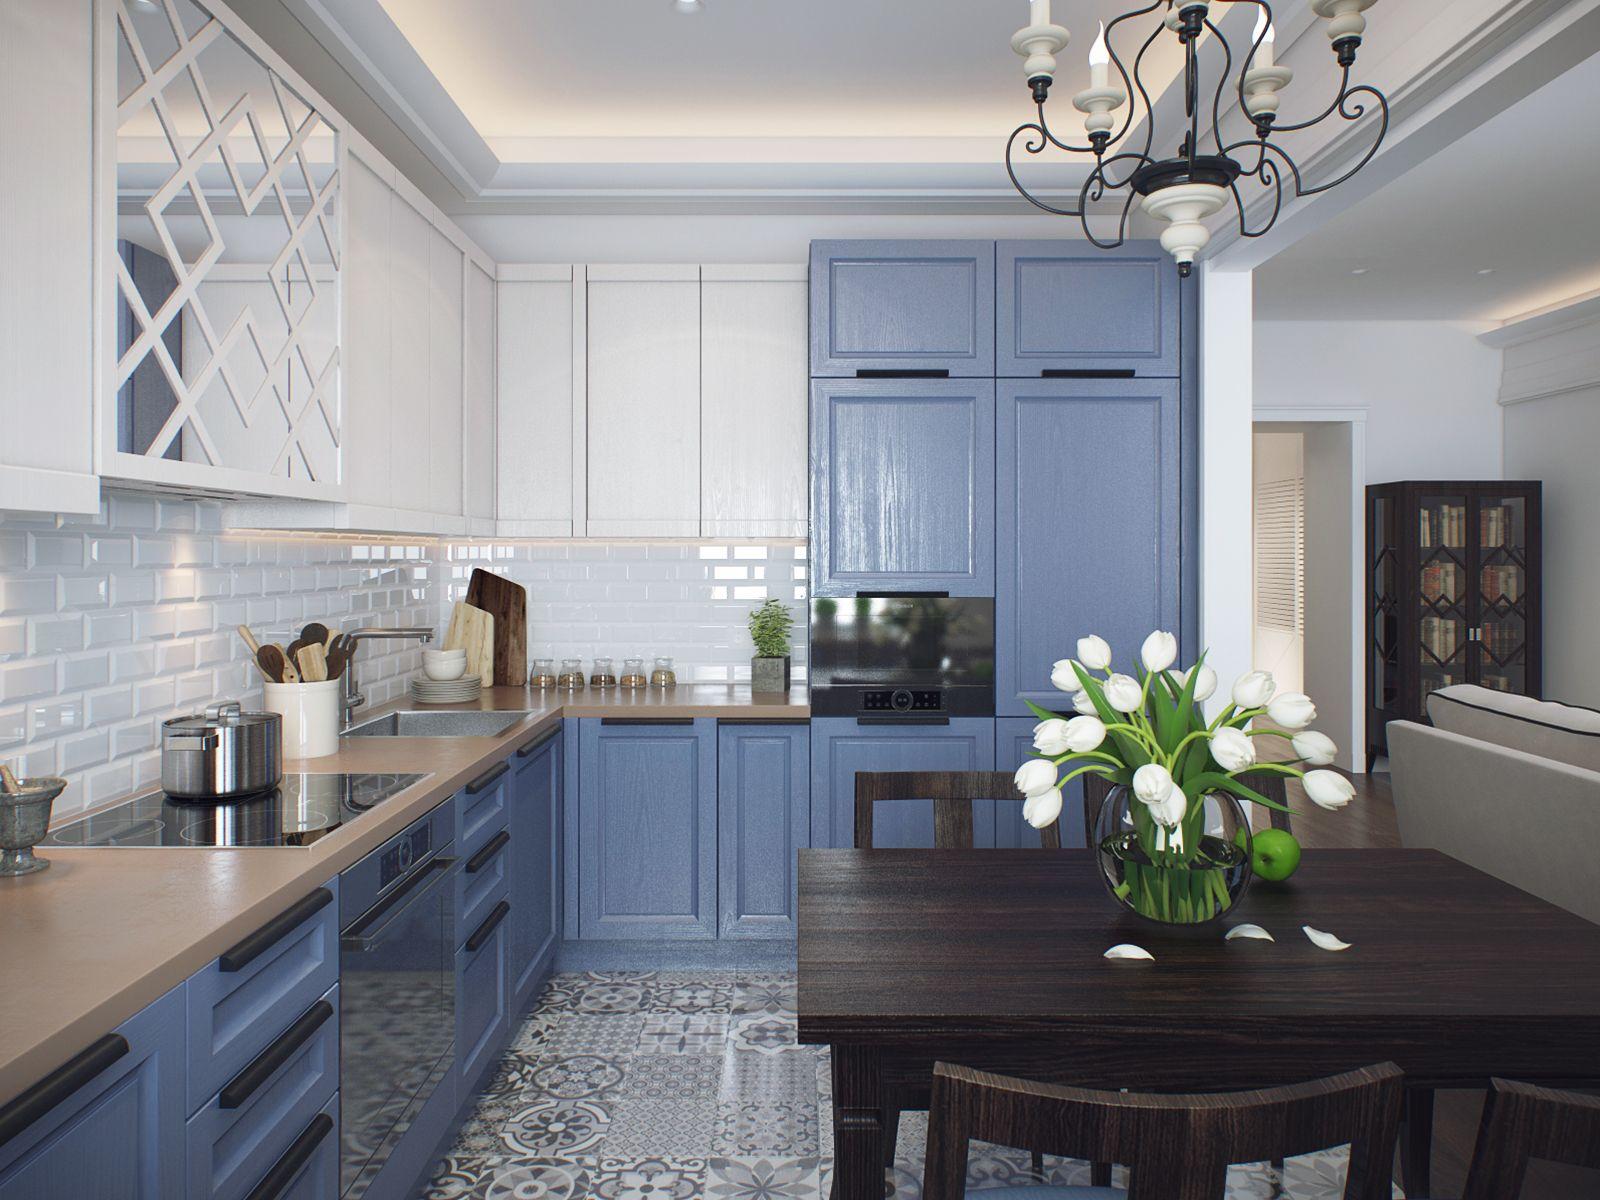 3d Visualization Interior Design Modern Classic On Behance Modern Kitchen Design New Kitchen Interior Modern Kitchen